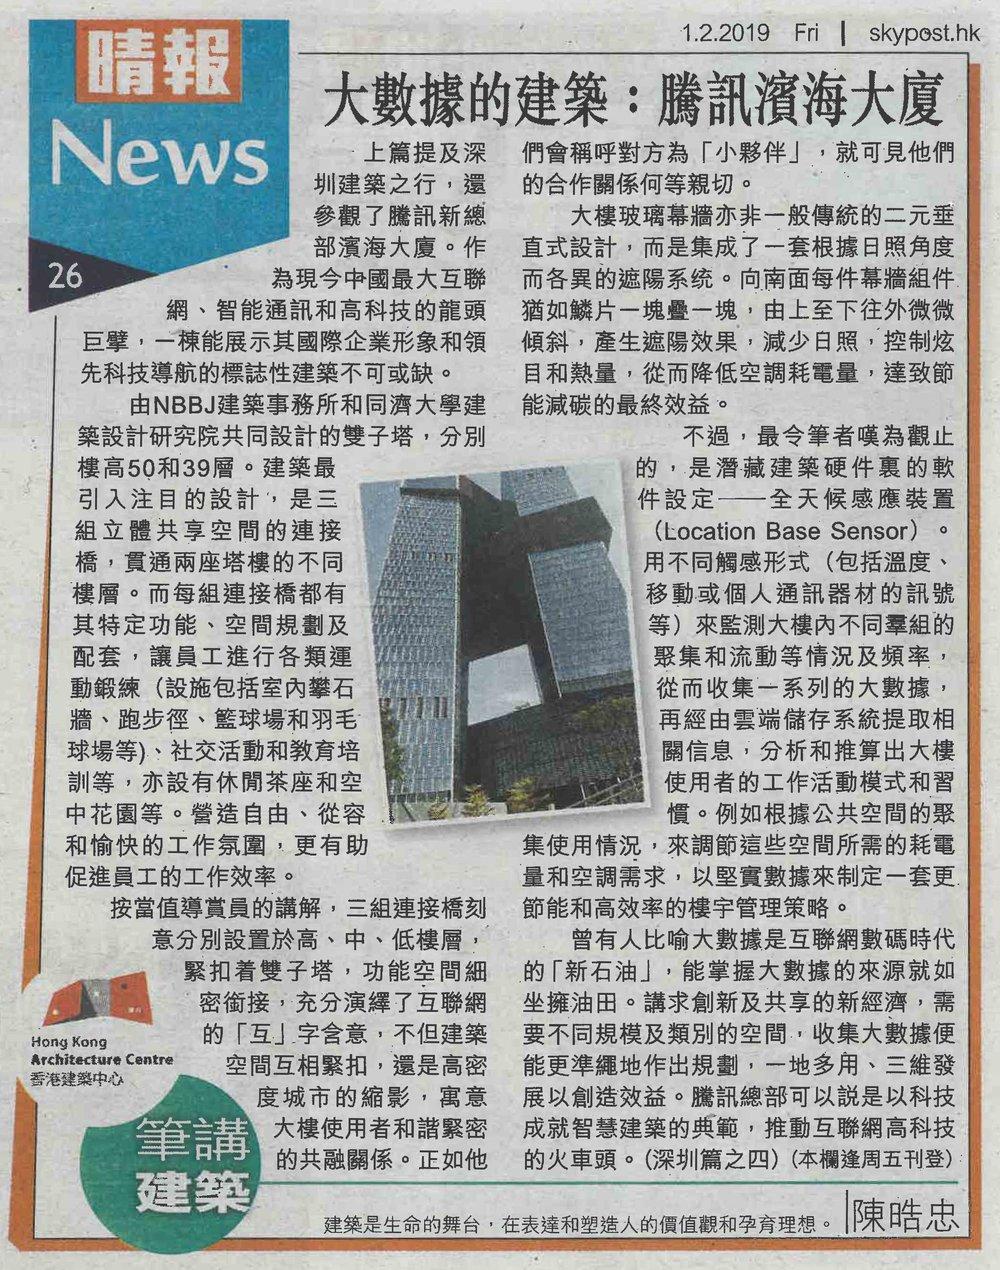 Skypost_190201_陳晧忠_大數據的建築:騰訊濱海大廈_Resize.jpg